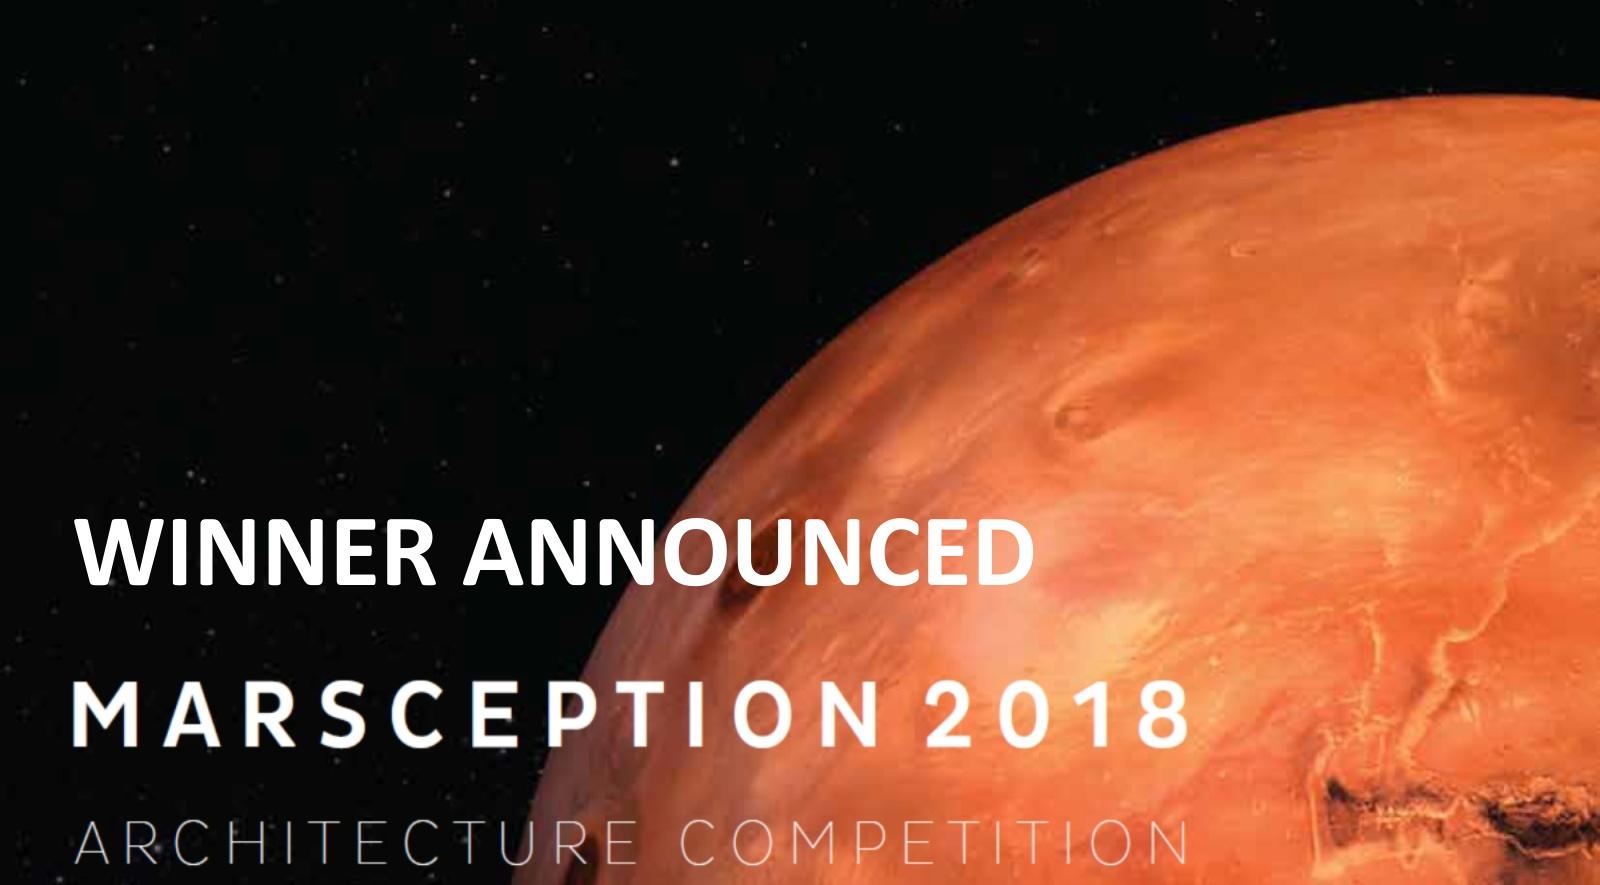 Marsception 2018